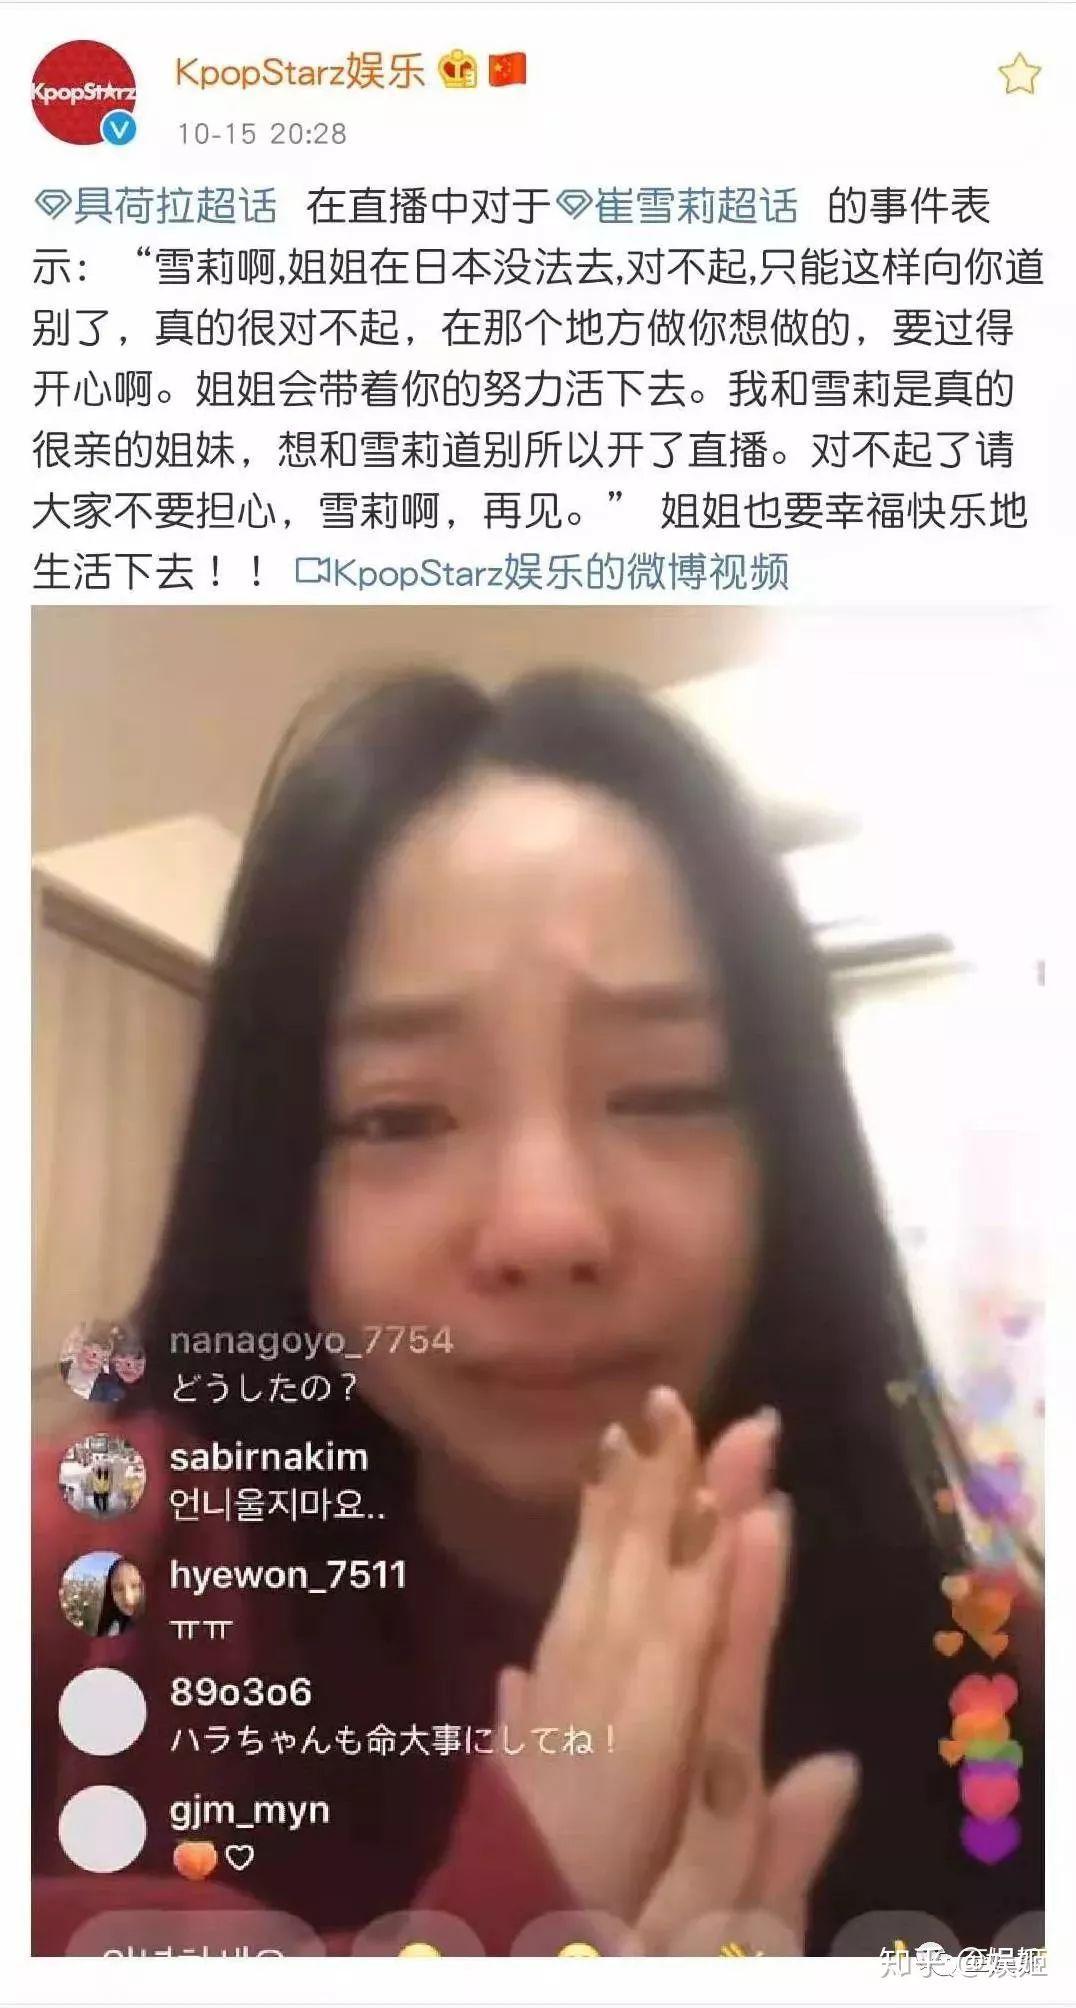 太阳城亚洲网址备用登录|刘涛自曝146斤重旧照,跳舞一字马没在怕,却把网友吓坏了!